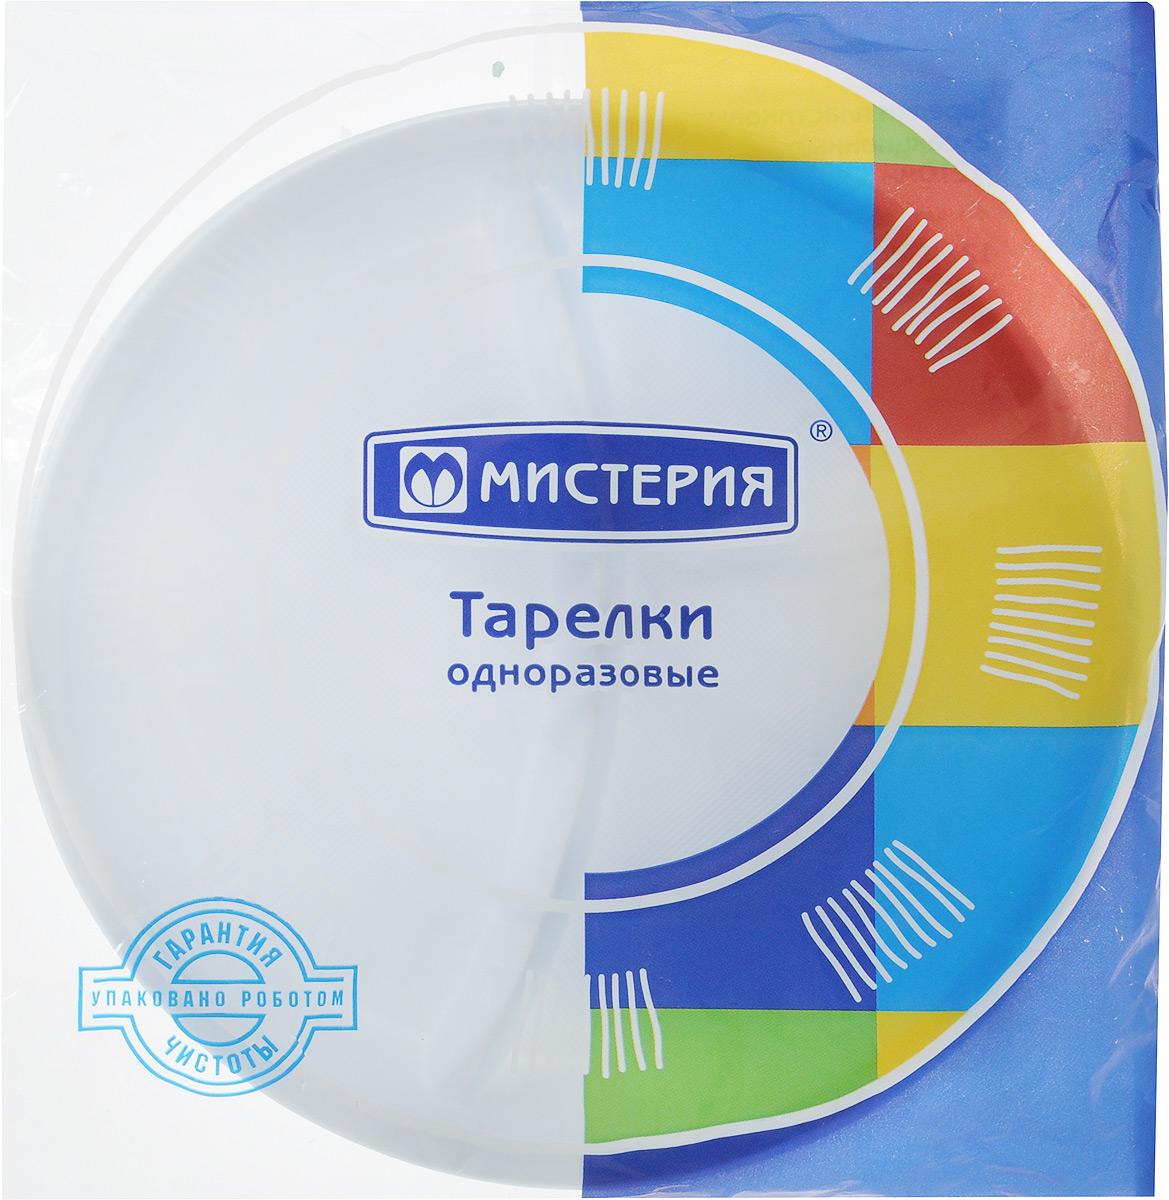 Тарелка одноразовая Мистерия, 2 секции, диаметр 21 см, 12 штFA-5126-2 WhiteНабор Мистерия состоит из 12 круглых тарелок, выполненных из полистирола и предназначенных для одноразового использования. Такие тарелки подходят для пищевых продуктов и имеют 2 секции. Одноразовые тарелки будут незаменимы при поездках на природу, пикниках и других мероприятиях. Они не займут много места, легки и самое главное - после использования их не надо мыть.Диаметр тарелки: 21 см.Высота тарелки: 1,5 см.